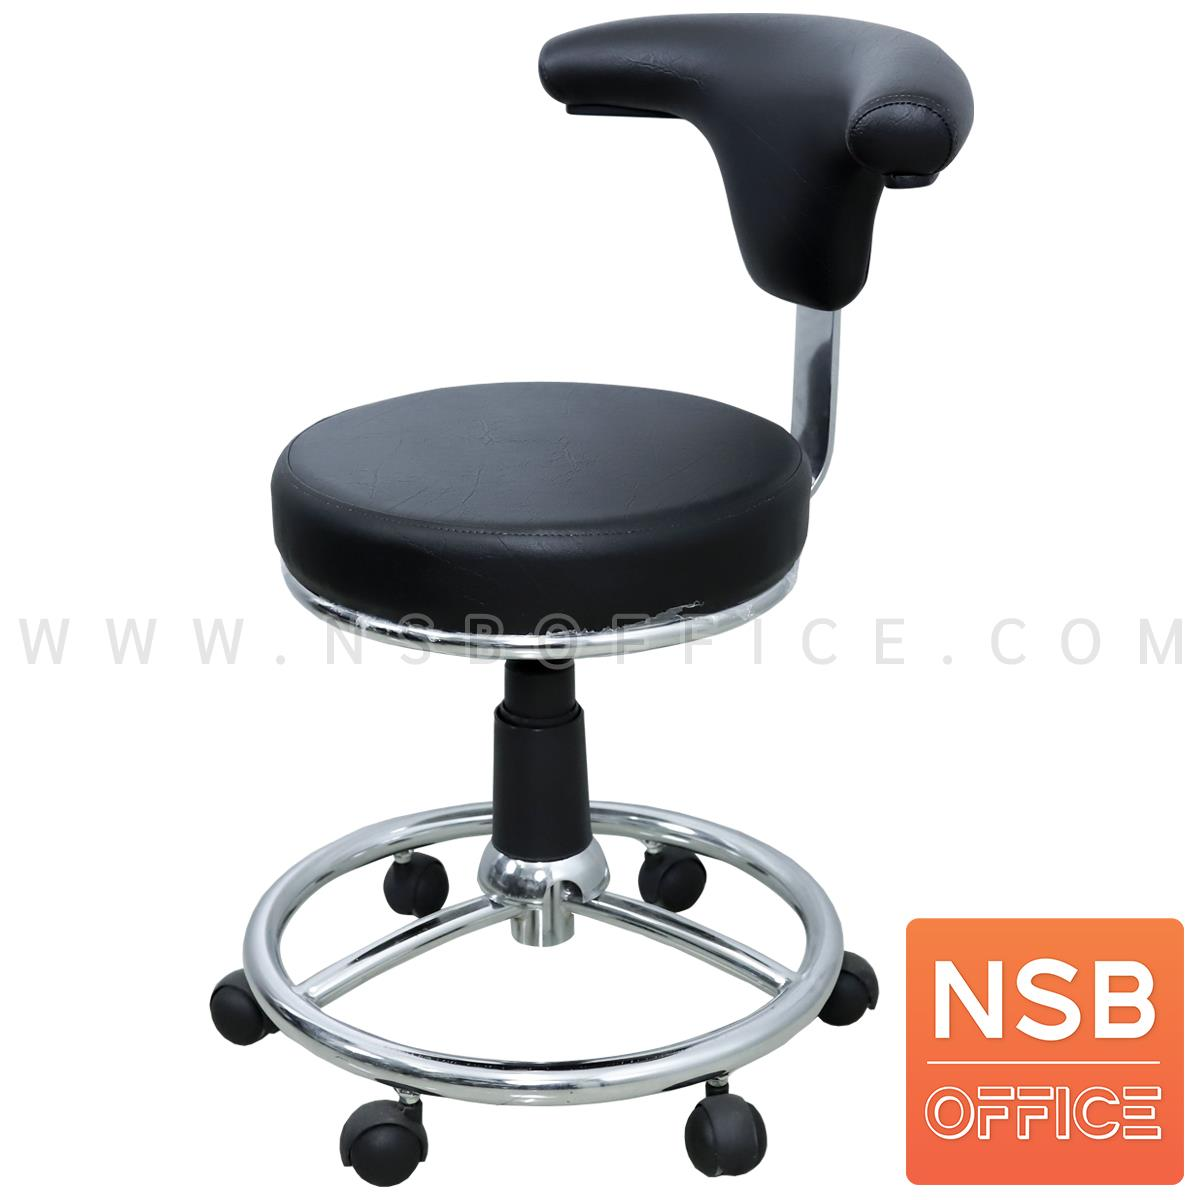 B09A076:เก้าอี้คุณหมอล้อเลื่อน รุ่น Taken (เทคเค่น)  โช๊คแก๊ส ขา 5 แฉก